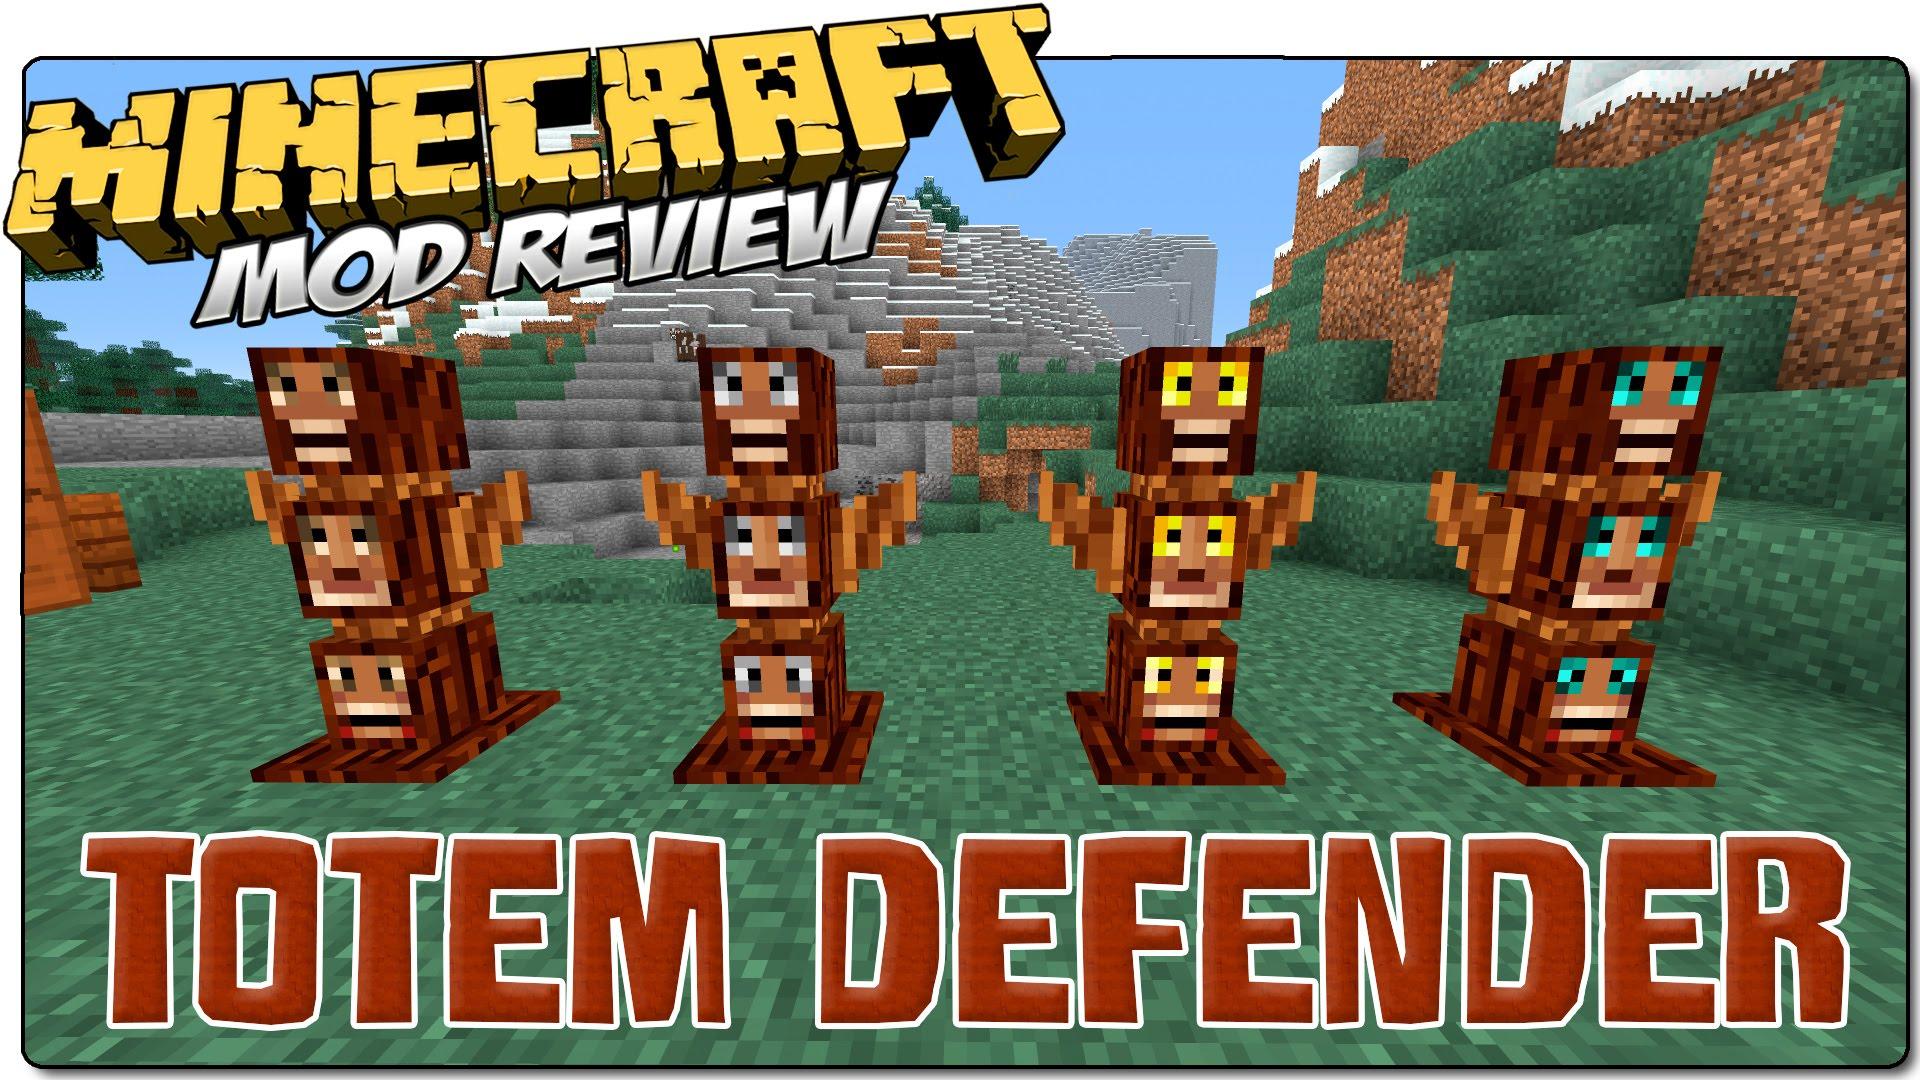 Totem Defender Mod